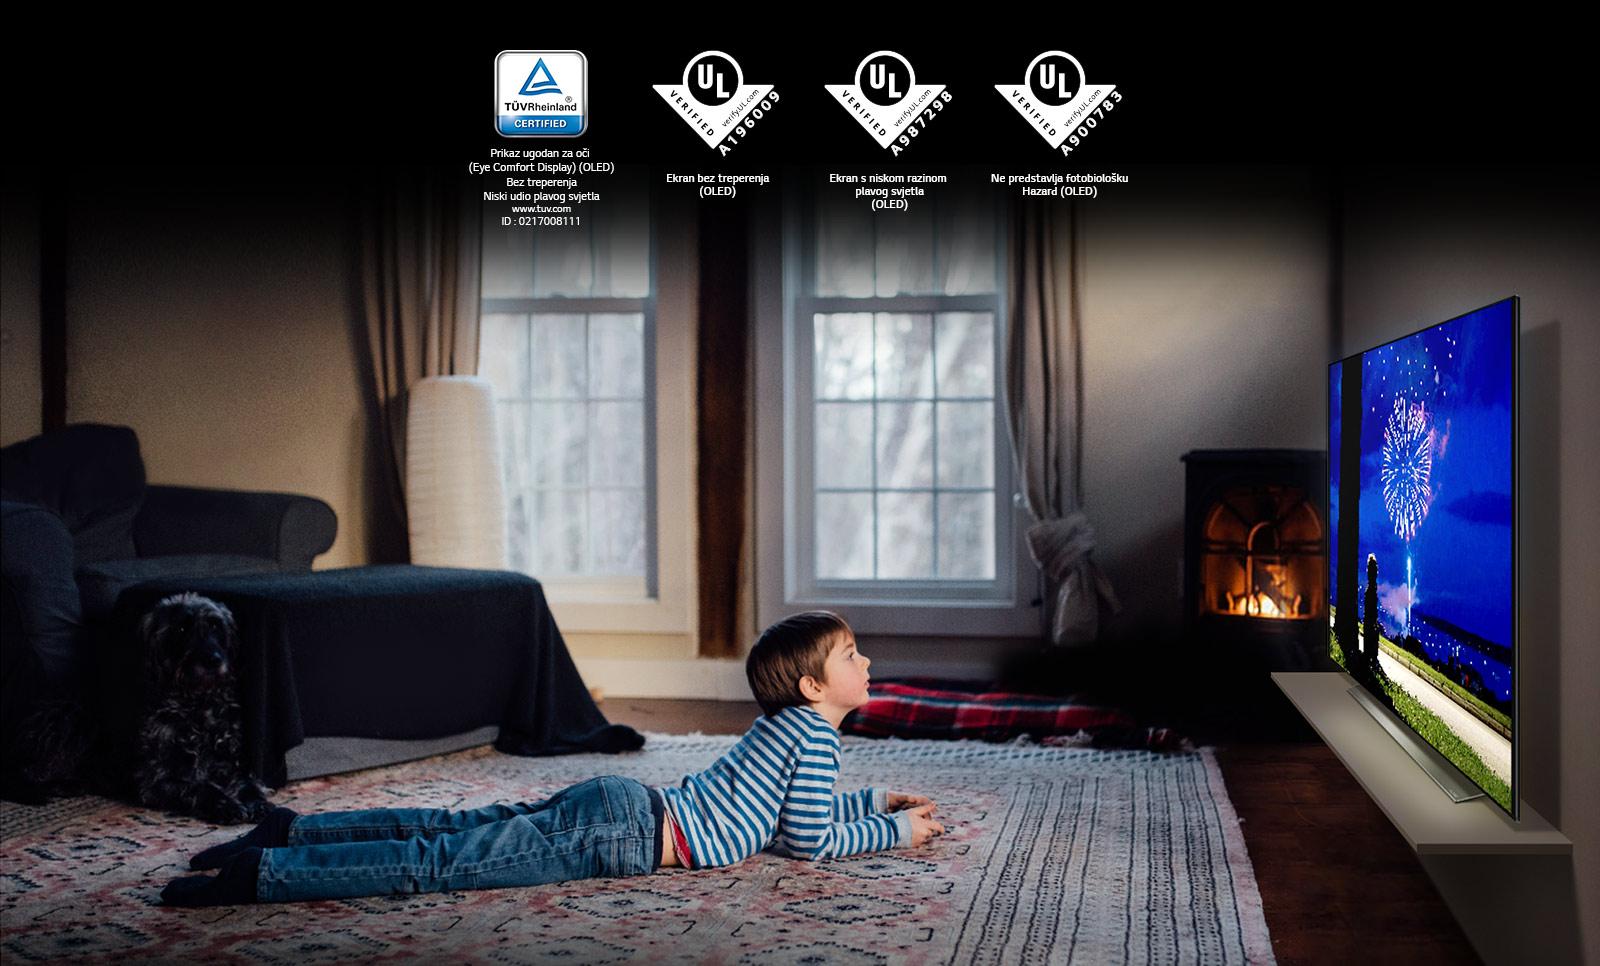 """Na ovoj se kartici opisuje """"Prikaz ugodan za oči"""" Ovo je prizor dječaka koji gleda televizor ležeći potrbuške. Četiri logotipa postavljena su za certifikat """"Prikaz ugodan za oči""""."""